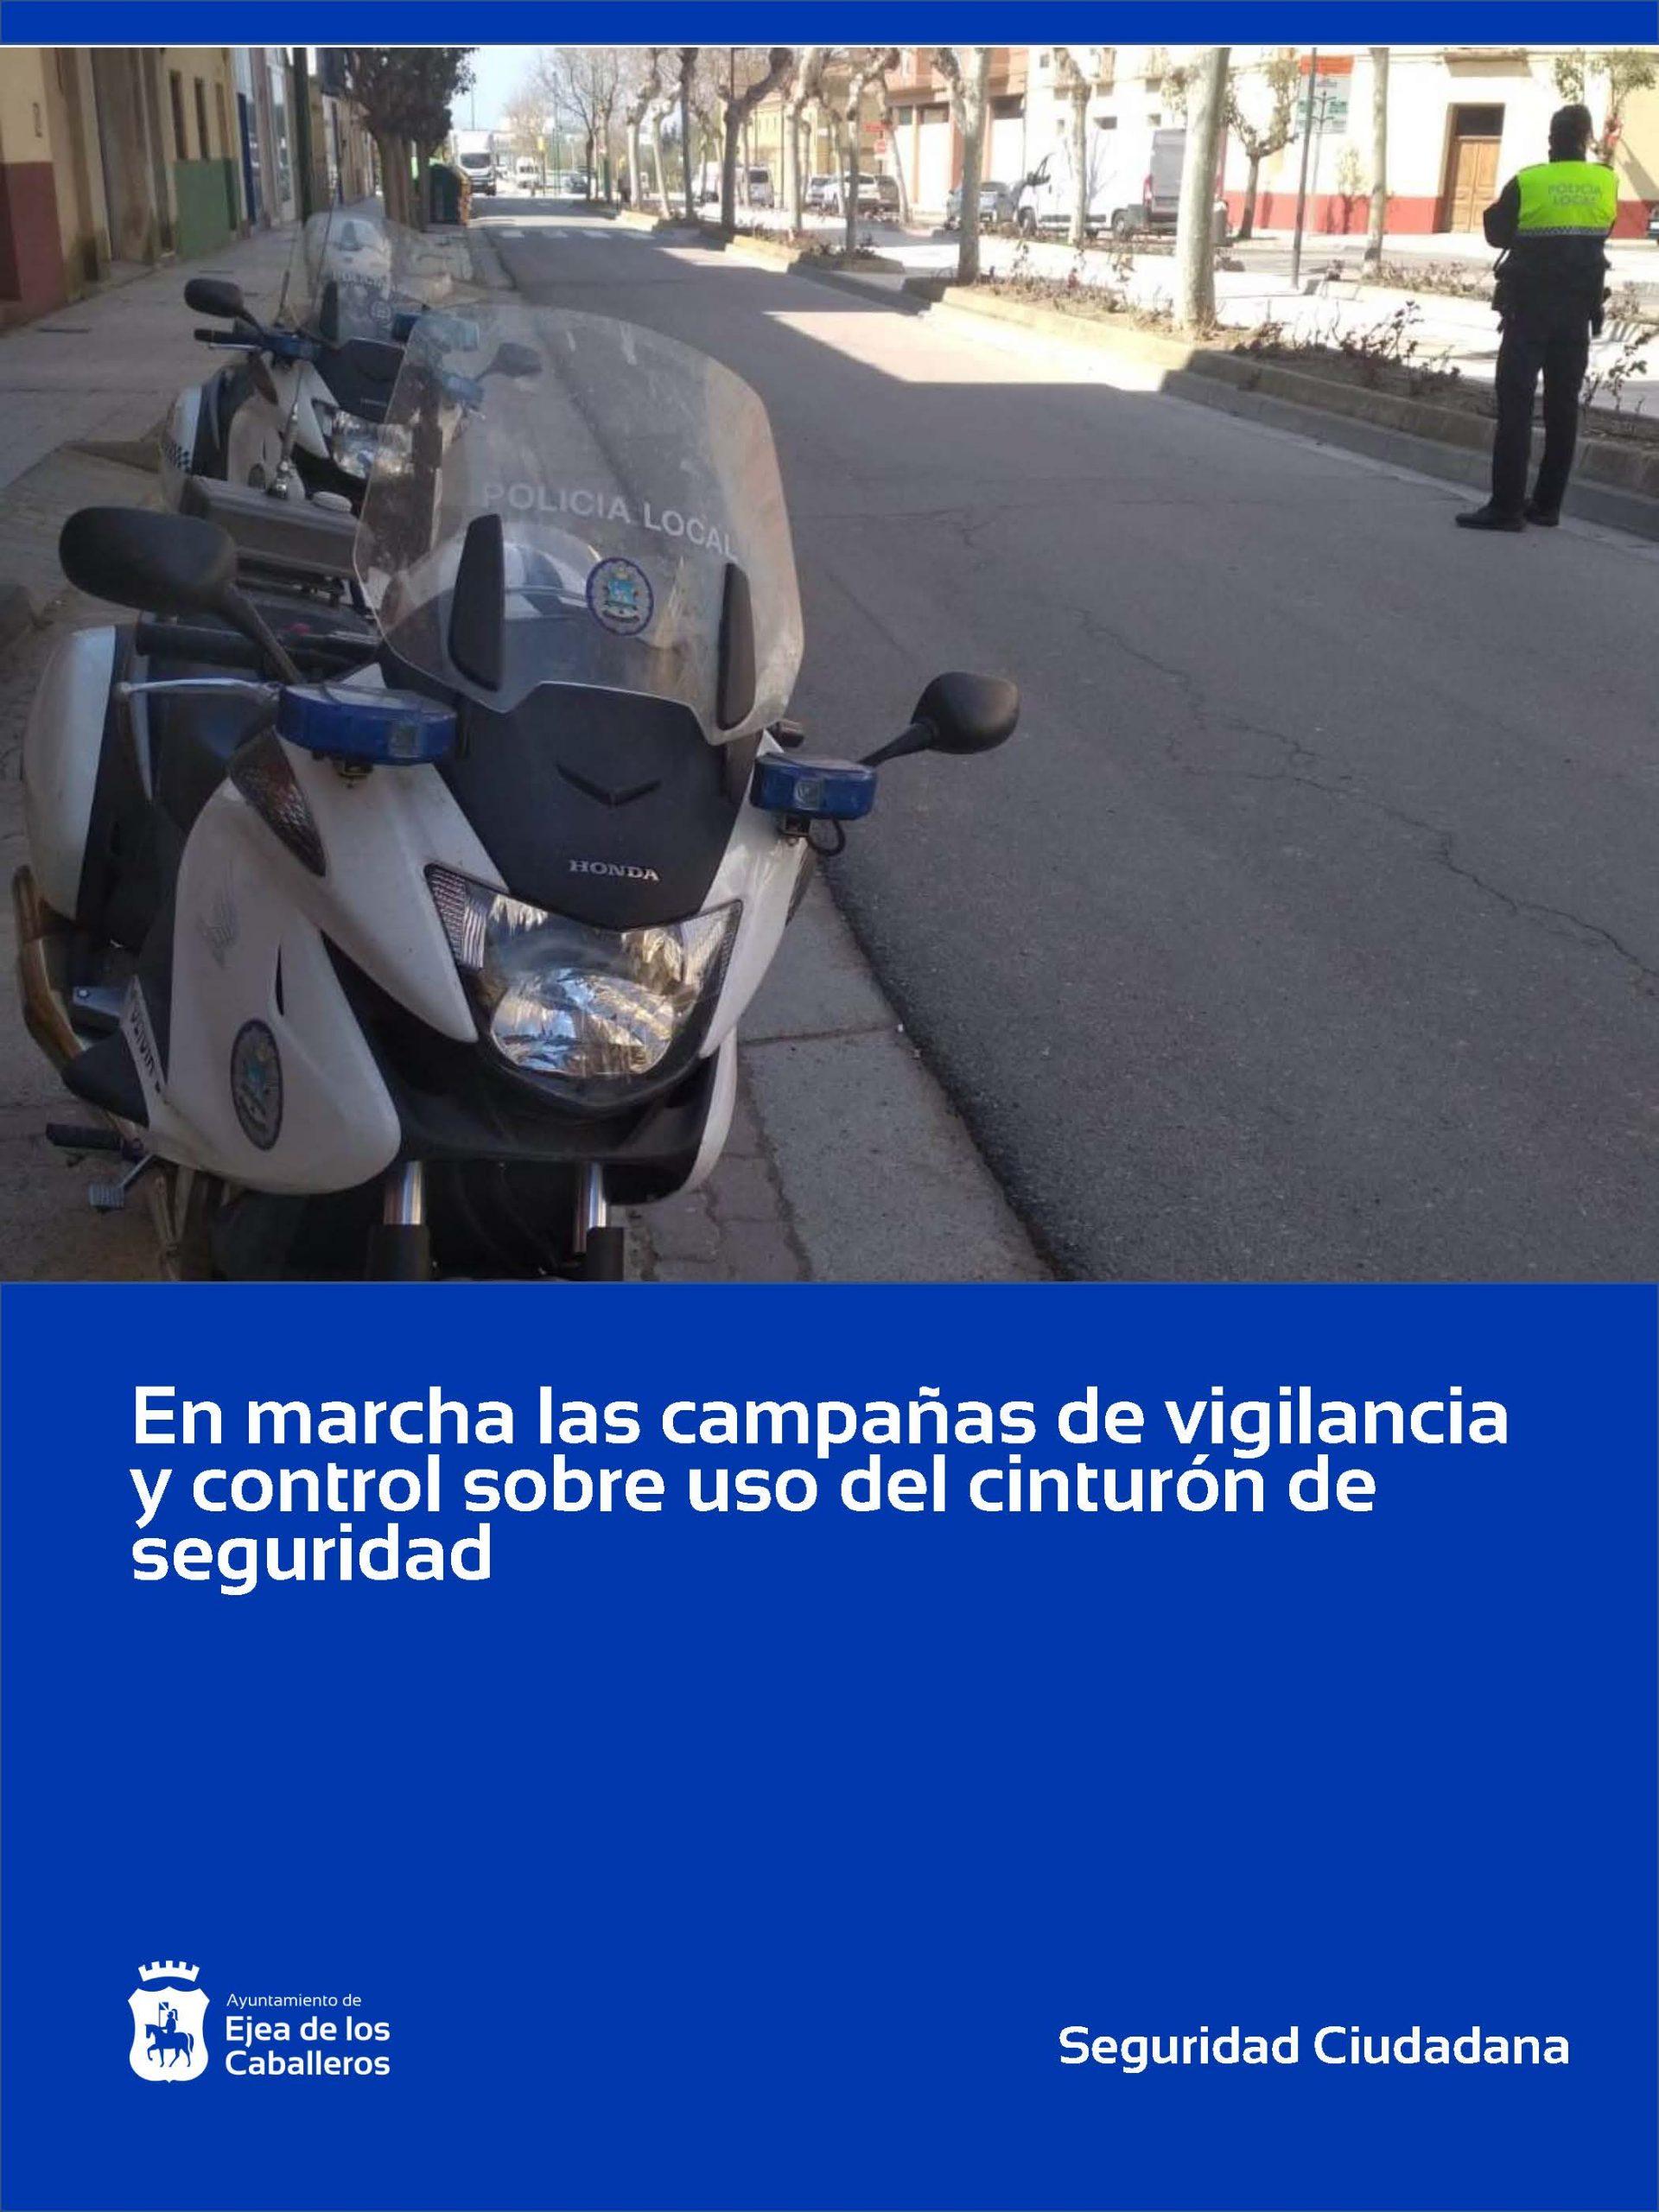 Campañas de vigilancia y de control sobre uso del cinturón de seguridad y sistemas de retención infantil en Ejea